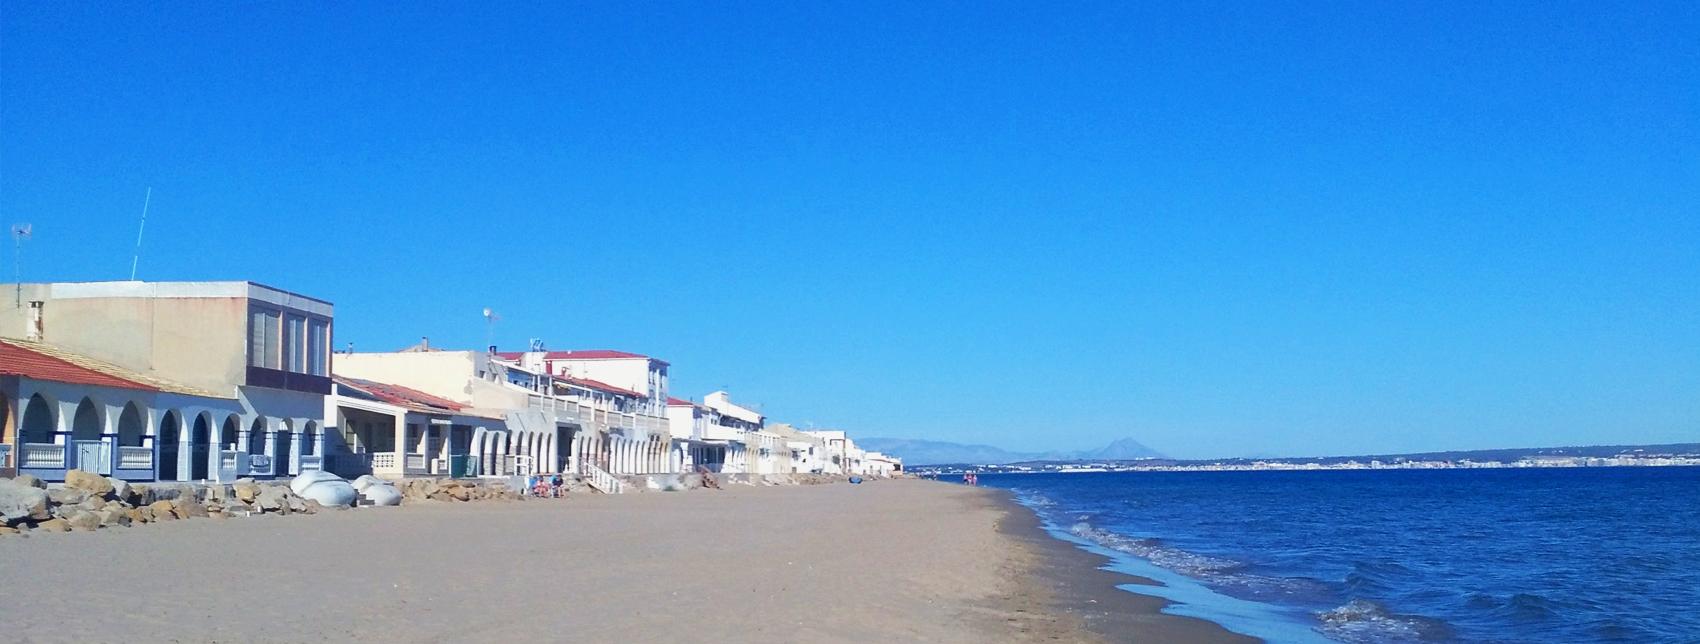 La ruta ciclista intercontinental EuroVelo Mediterráneo pasará por los puntos de interés turísticos y ambientales del Camp d'Elx